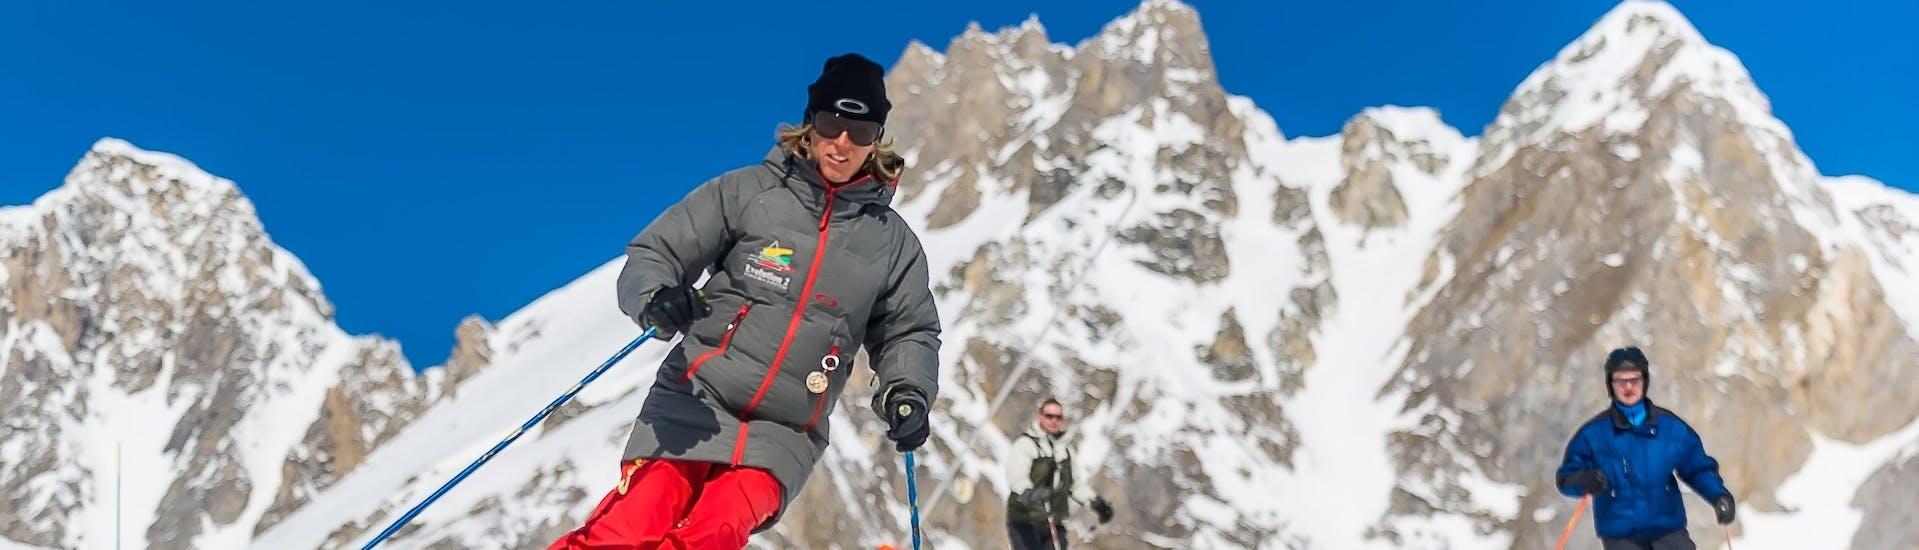 Des skieurs suivent leur moniteur de ski de l'école de ski Evolution 2 Tignes le long d'une pente enneigée pendant leur Cours particulier de ski Adultes - Vacances - Après-midi.